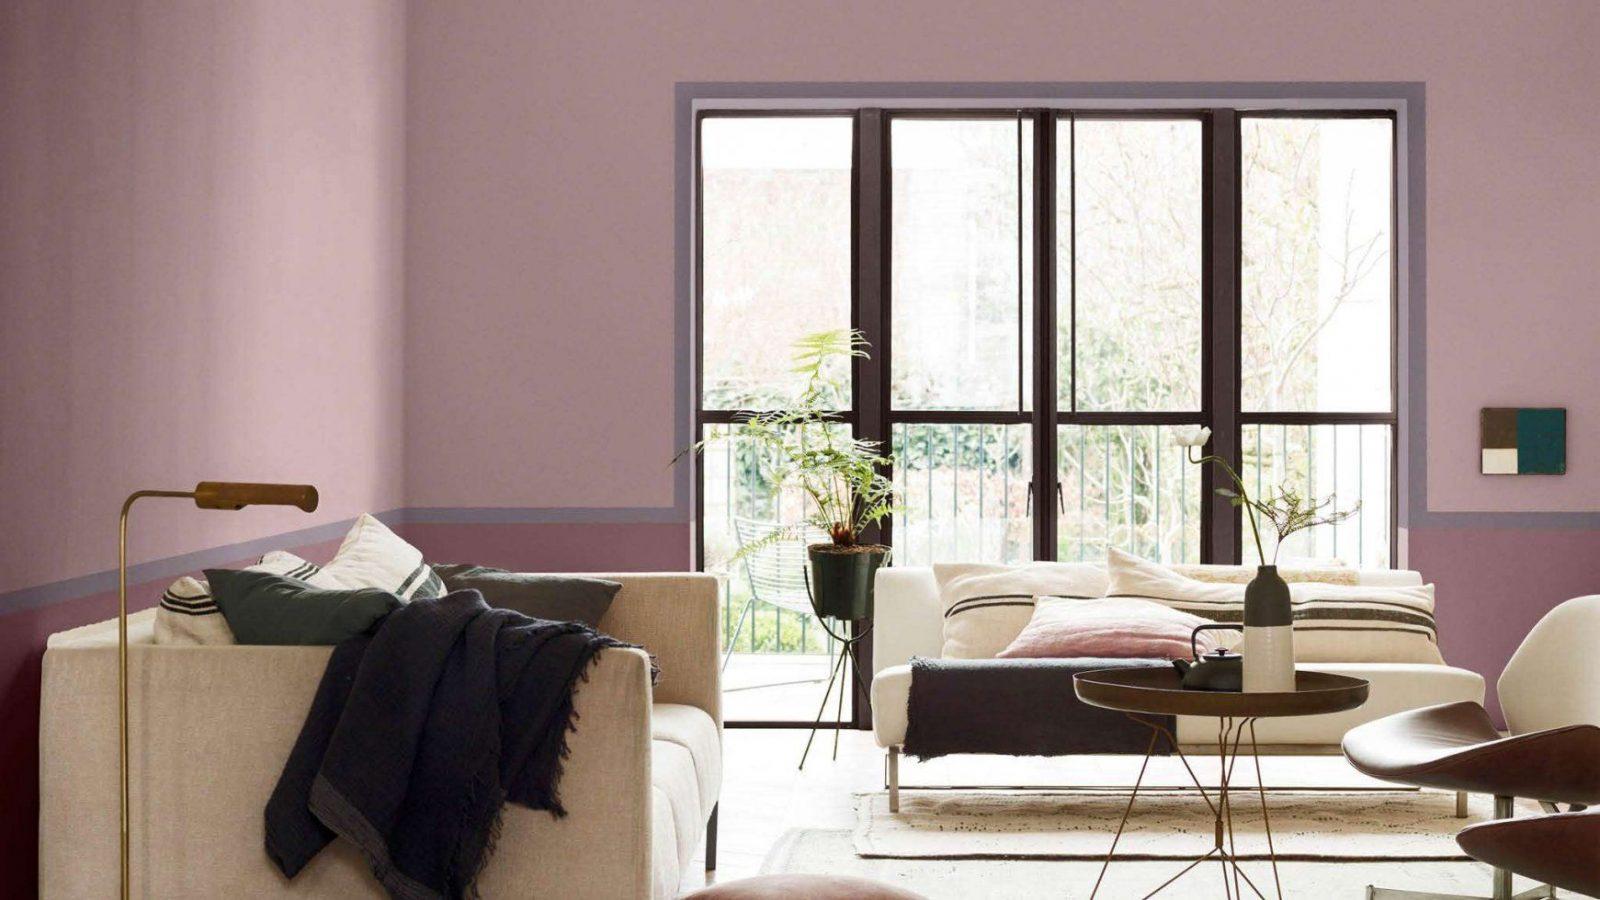 Einzigartig Schöner Wohnen Farbe Jade Ideen Designideen Von Farben von Schöner Wohnen Farbe Jade Bild